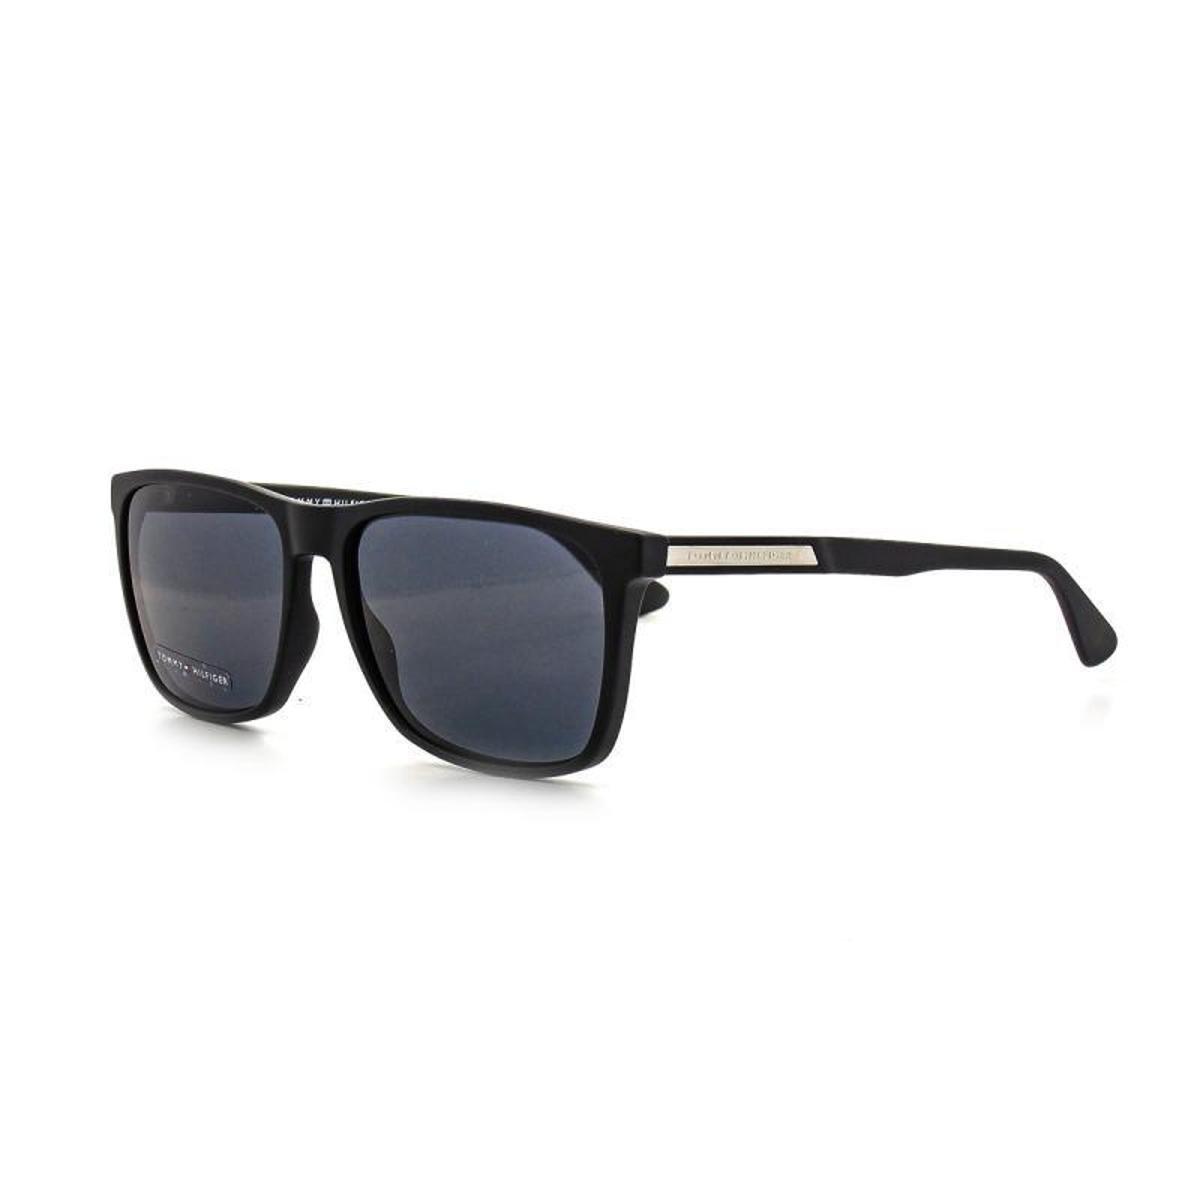 última venta apariencia elegante numerosos en variedad Oculos de Sol Tommy Hilfiger Lente Proteção UV Masculino - Preto